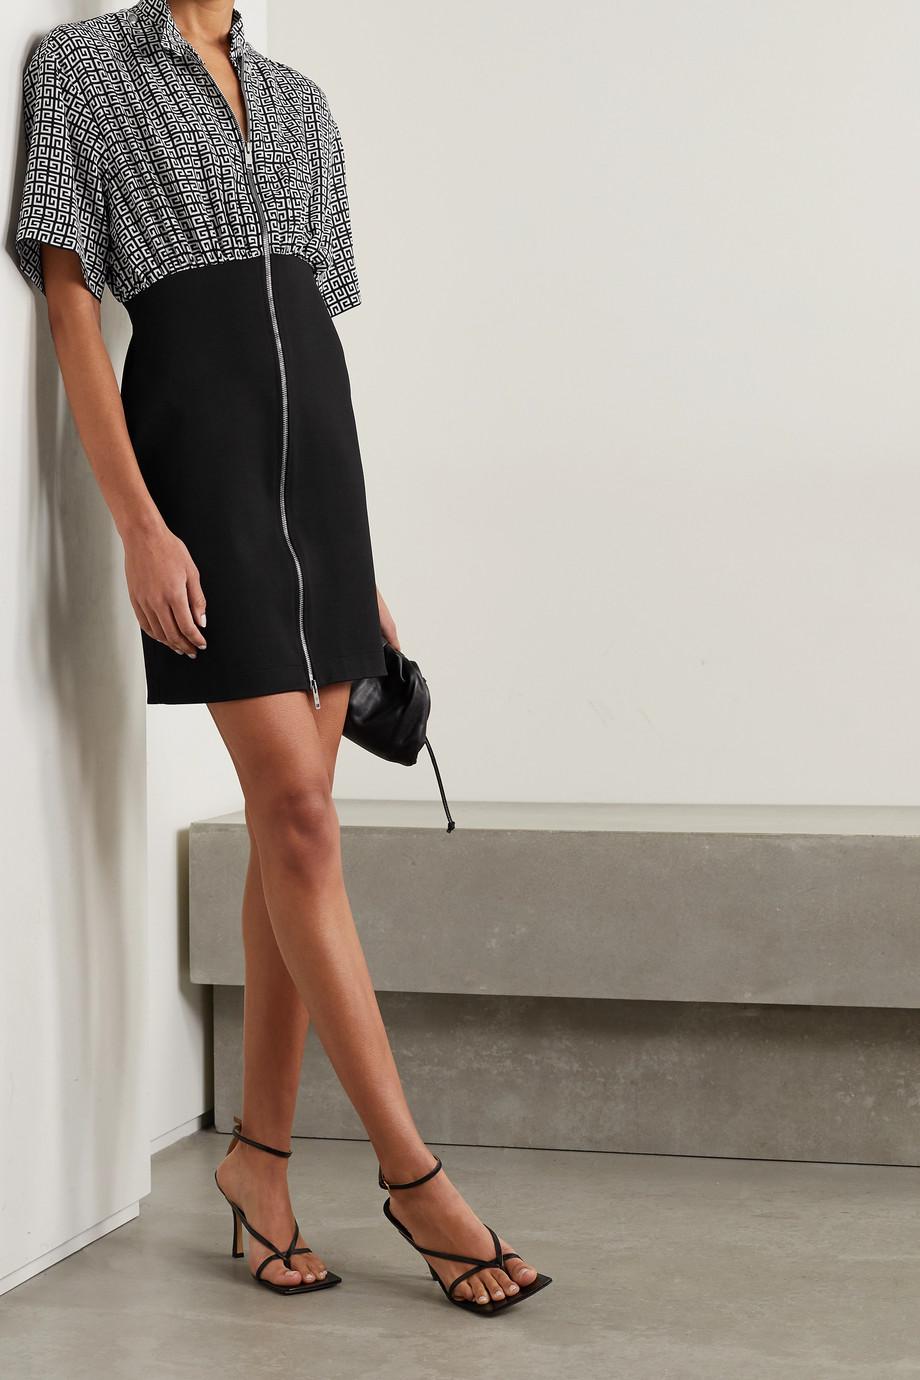 Givenchy Mini-robe en crêpe de Chine de soie imprimé et en mailles stretch